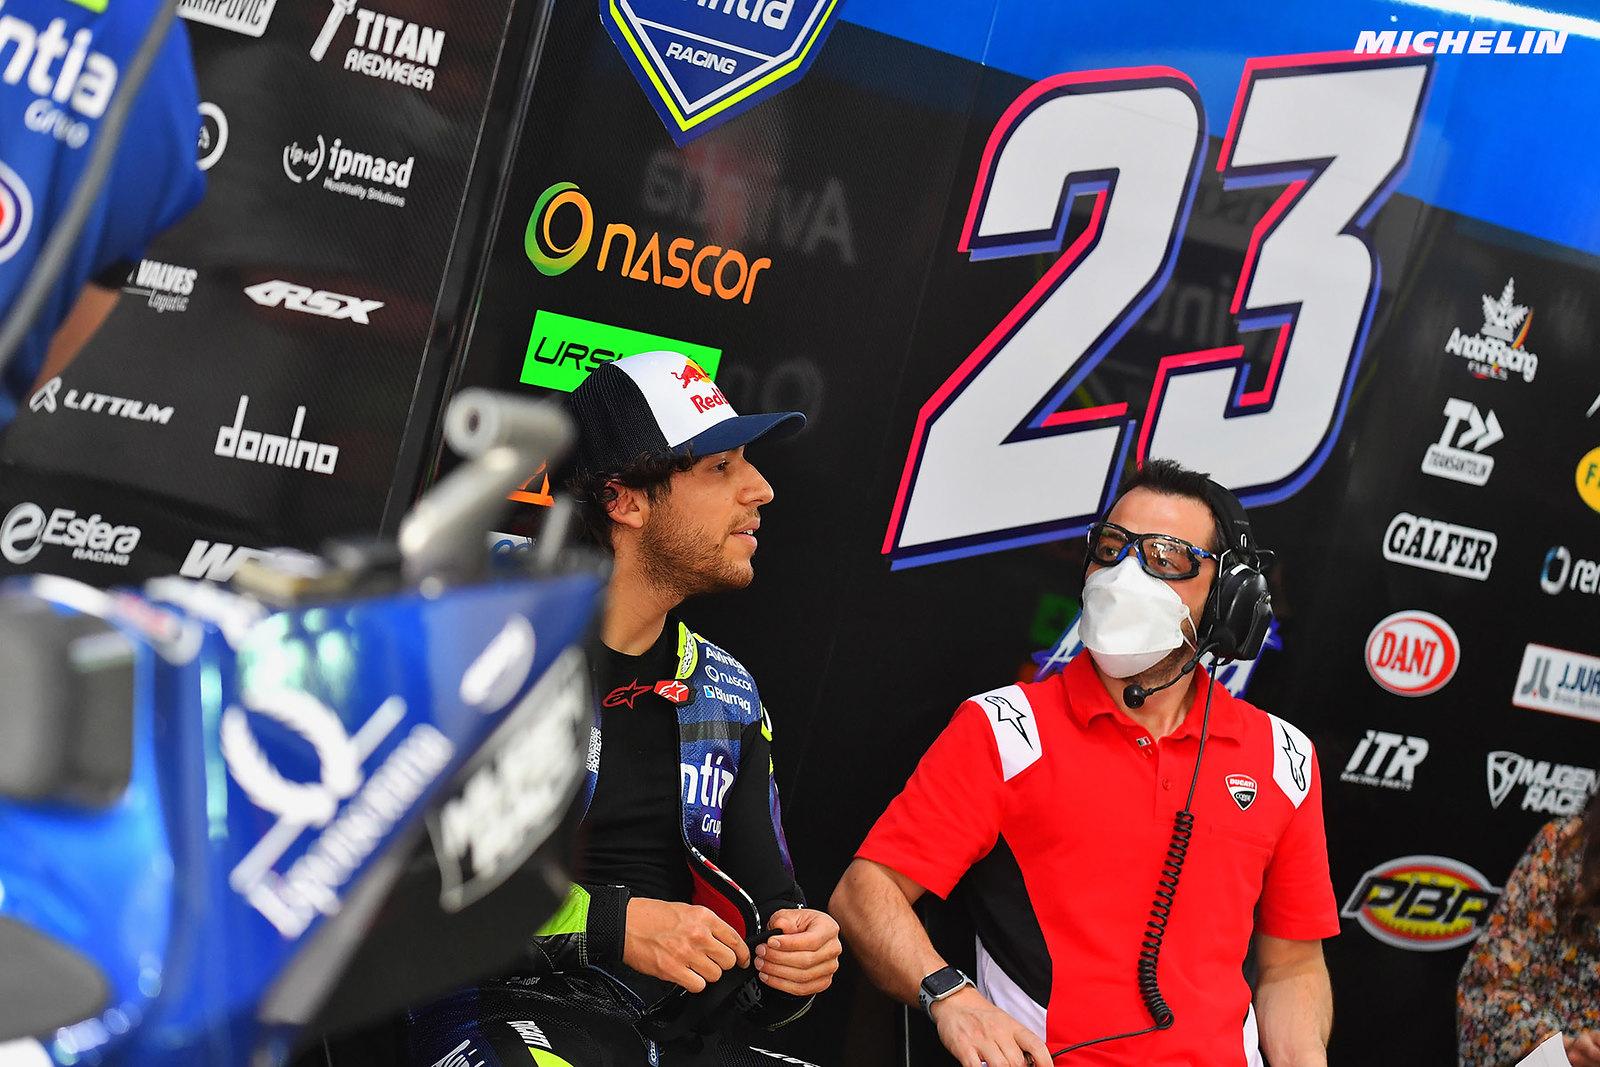 カタールGP 10位 エネア・バスティアニーニ「最後は疲れが出てしまった」